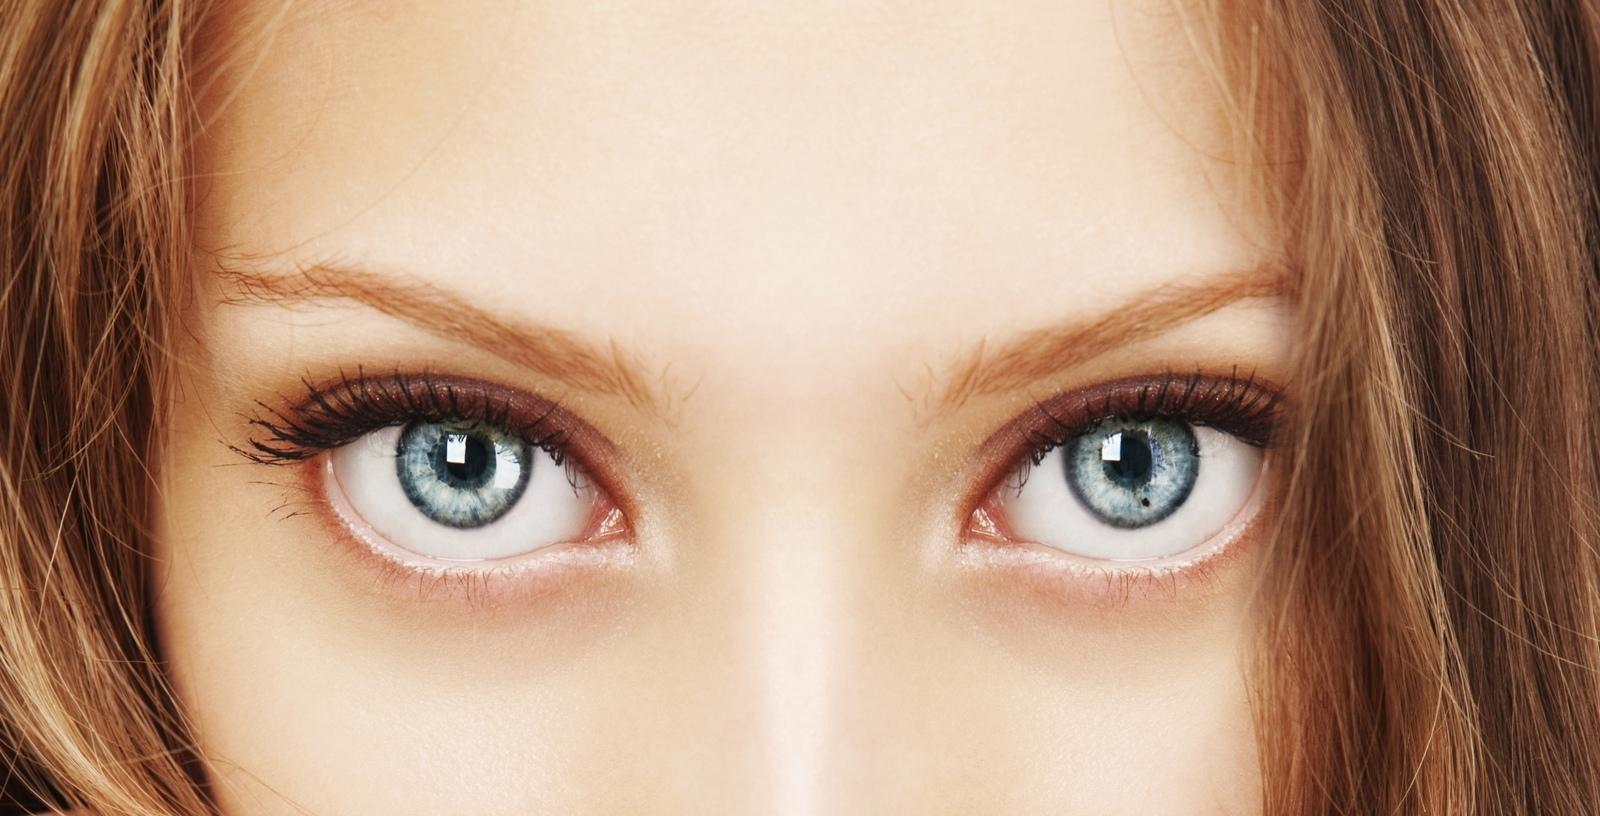 Созданы глазные капли, позволяющие видеть в темноте